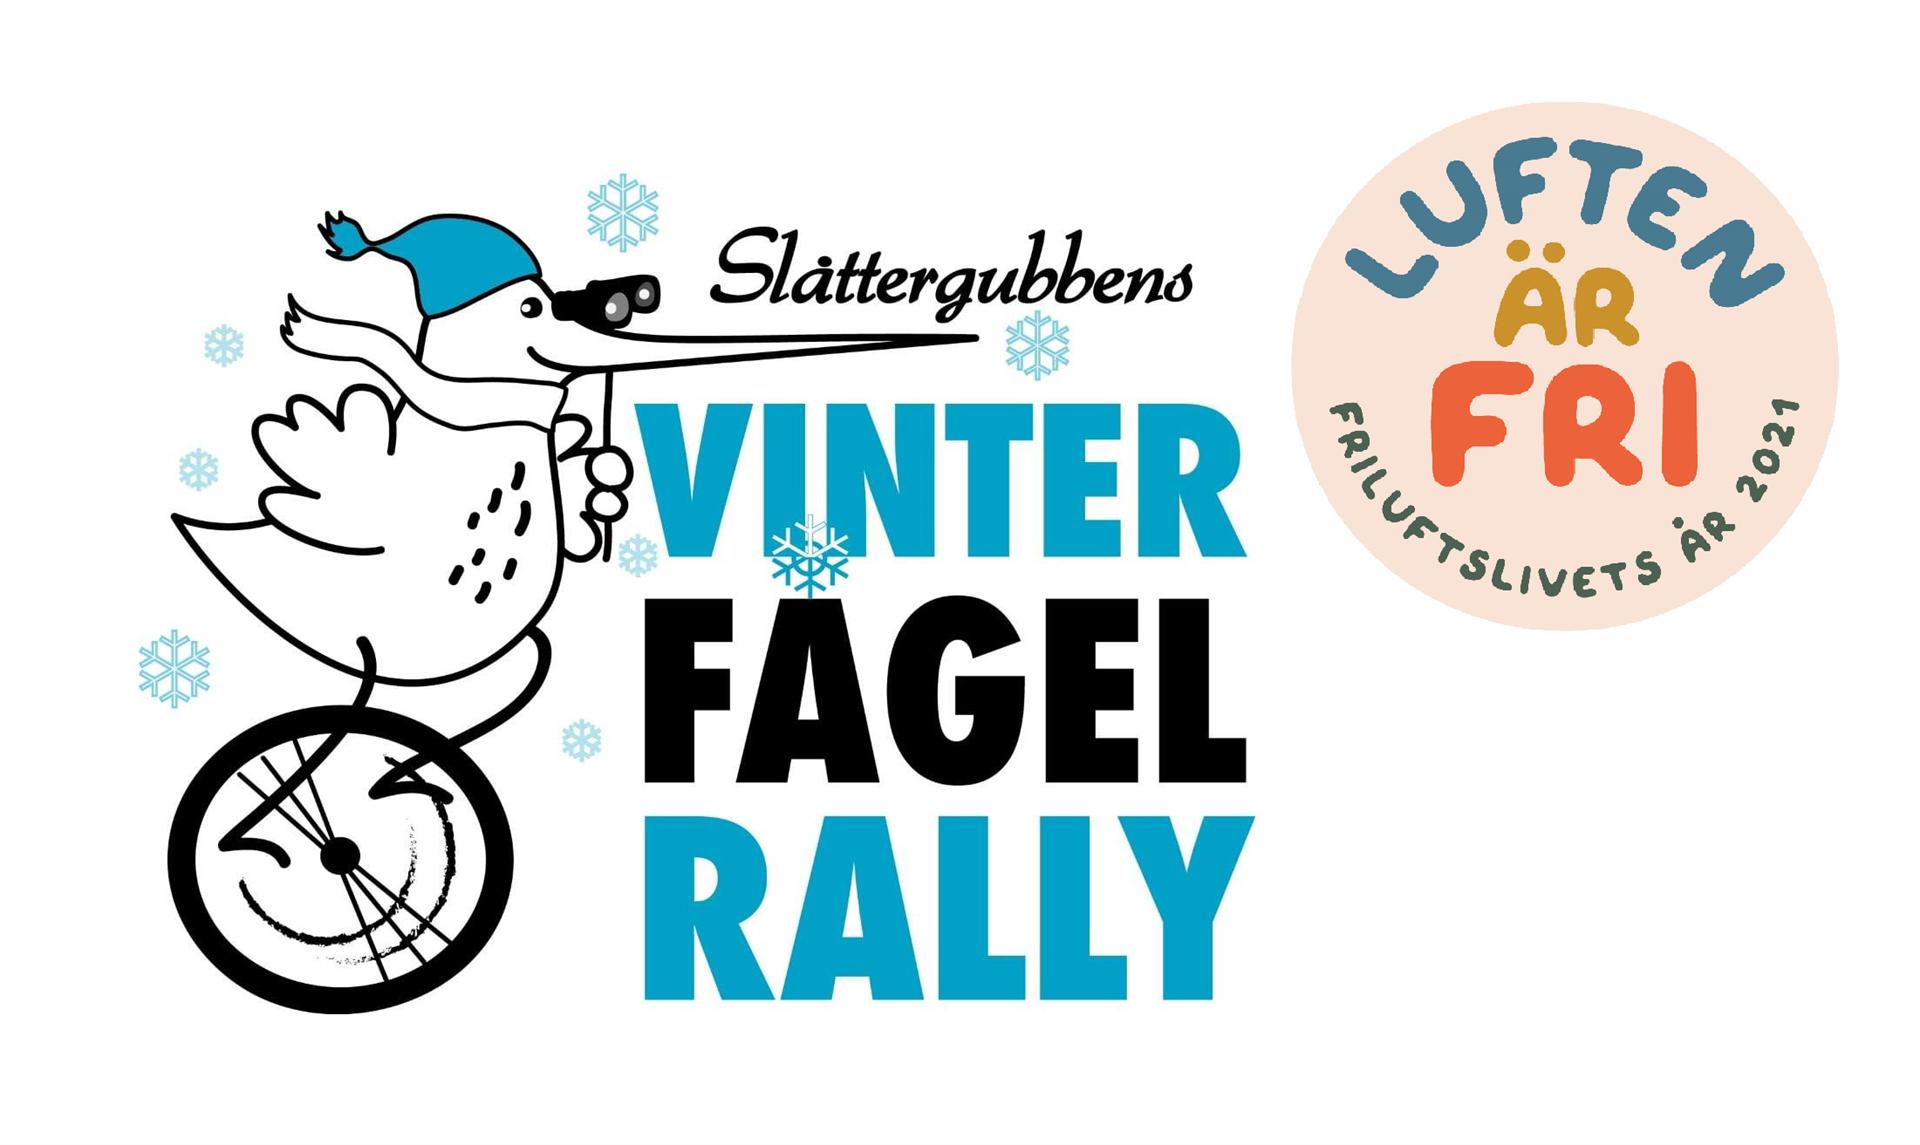 Logotyp för Slåttergubbens vinterfågelrally